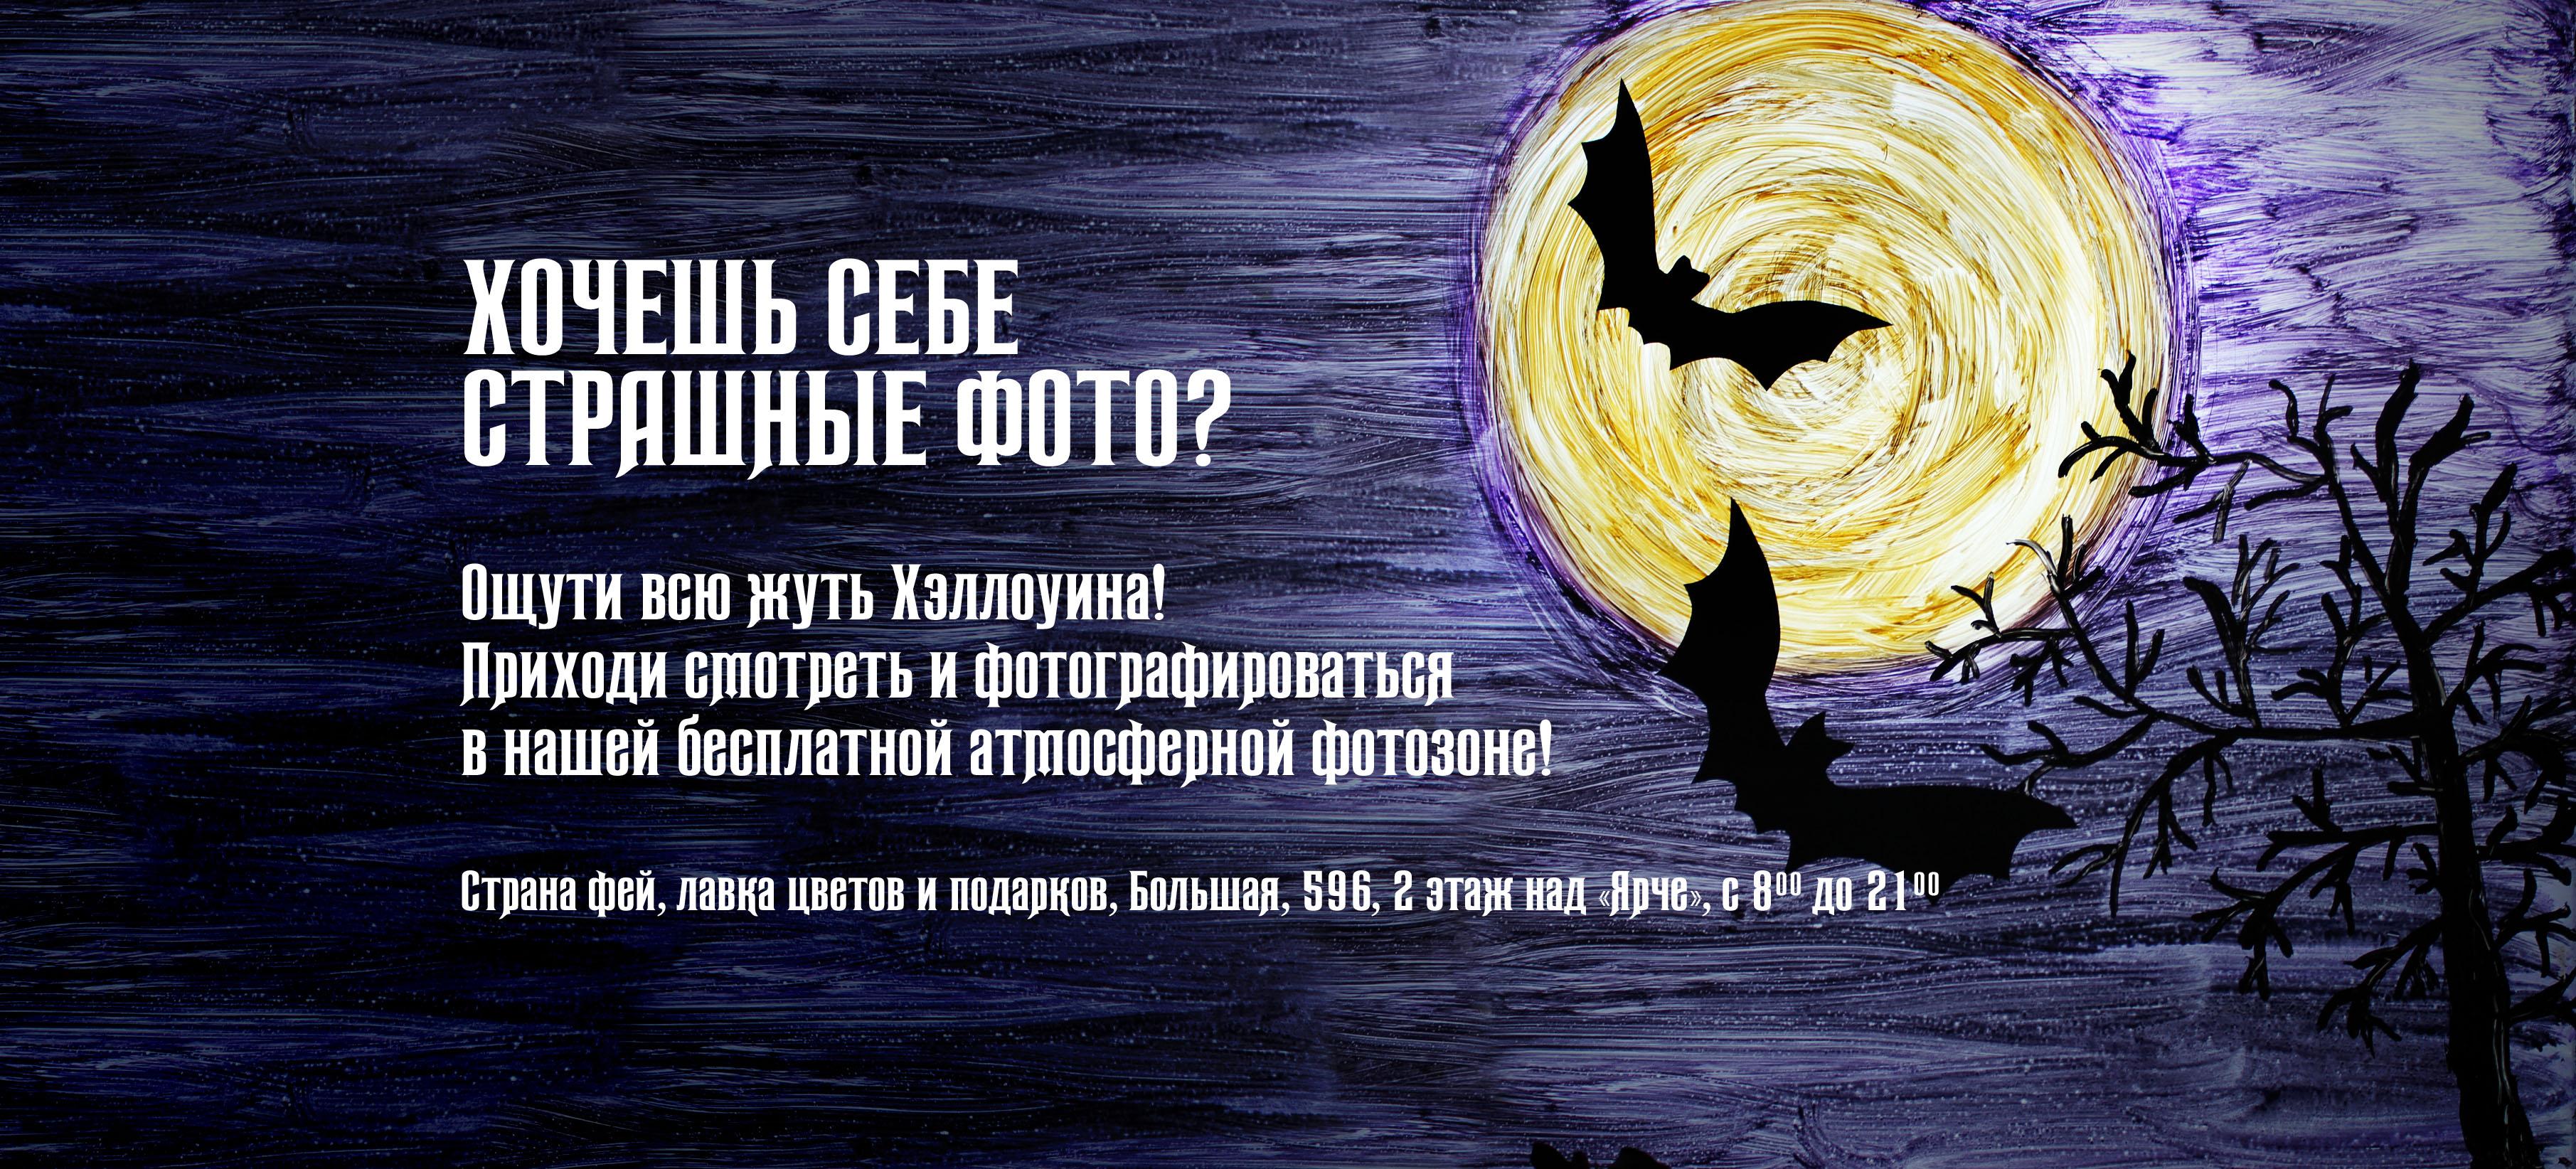 Фотозона на Хэллоуин в Новосибирске